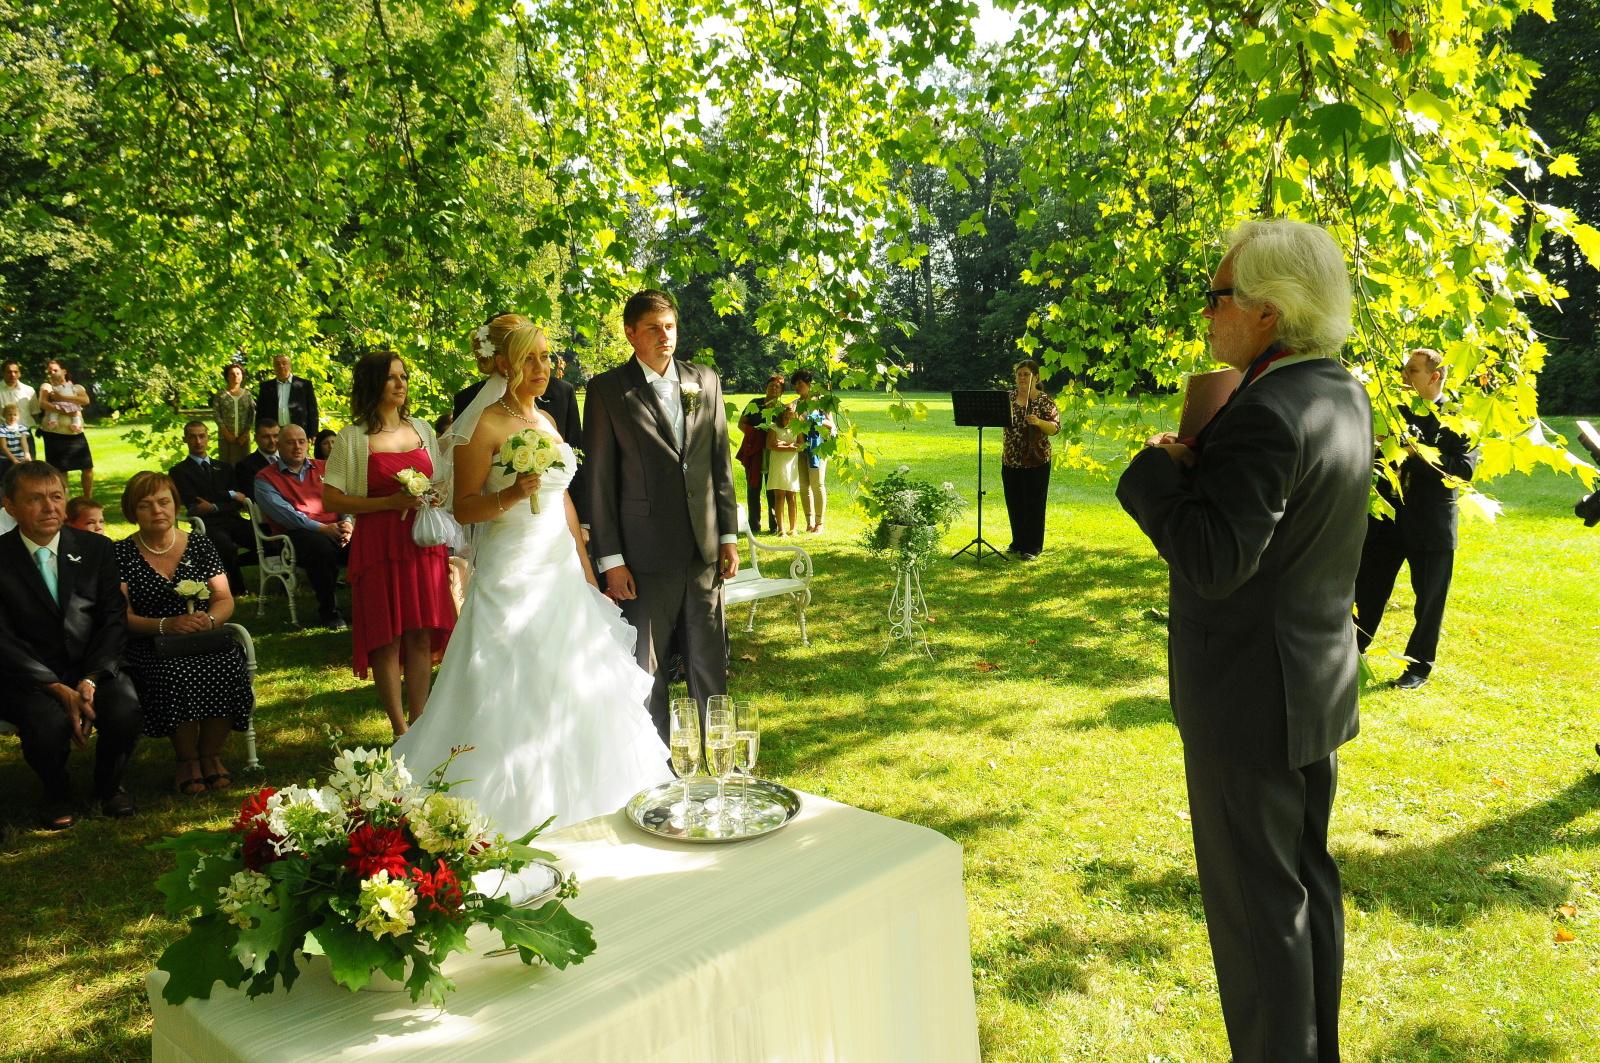 Fotografování svatby podle vašich představ i finančních možností